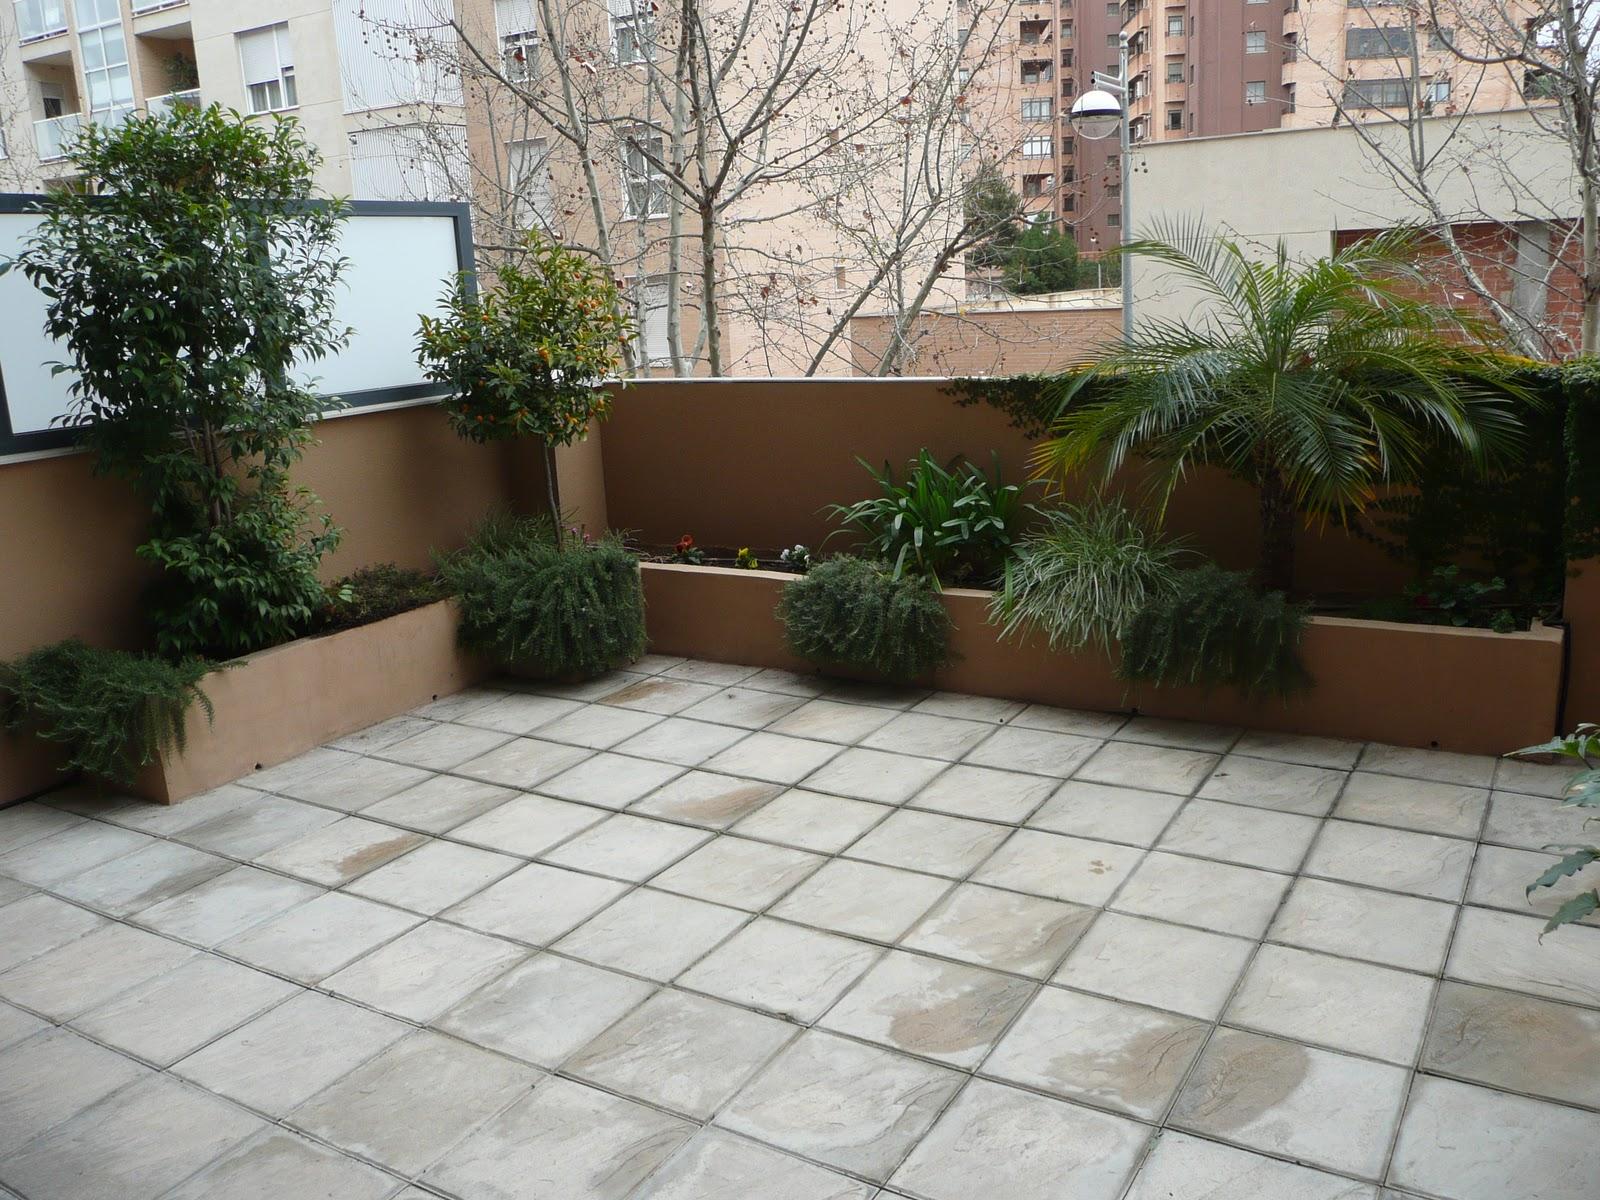 Hazlo tu mismo crea una jardinera de obra en tu terraza - Imagenes de jardineras ...